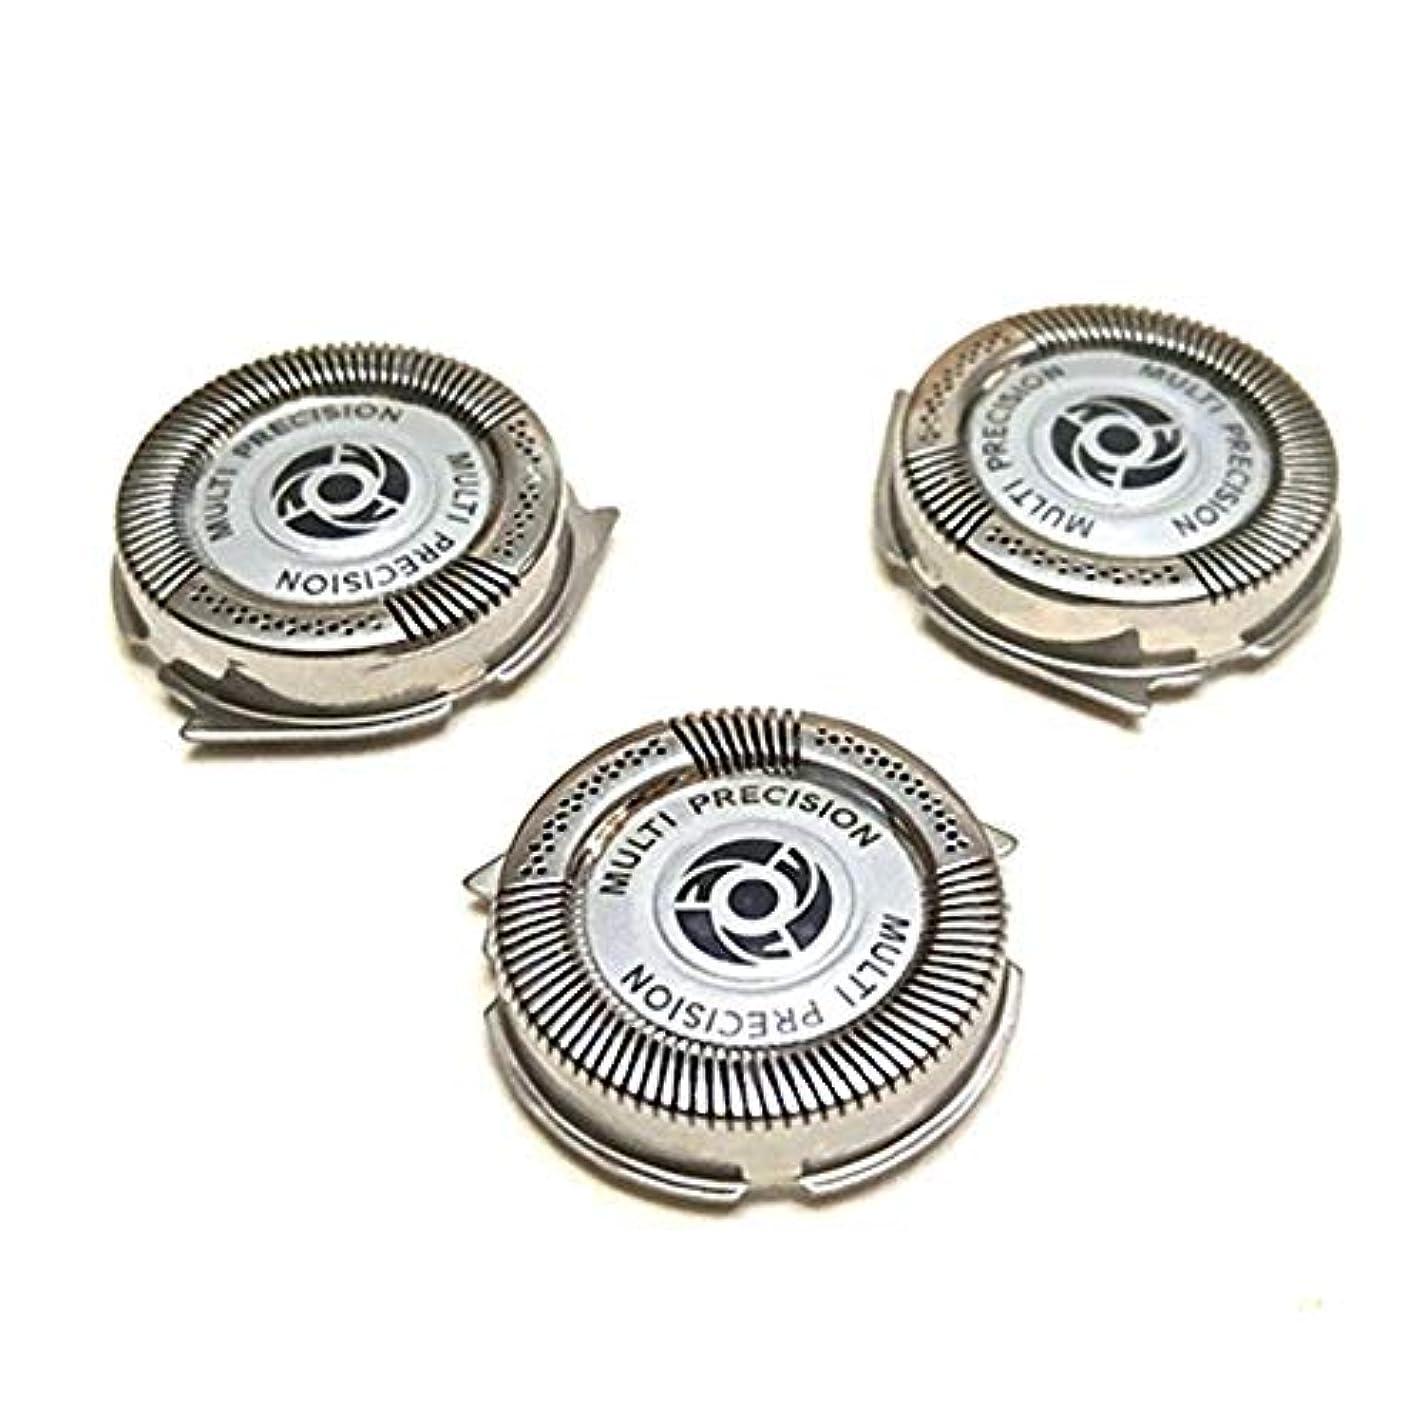 アクセントドラフト廃止3PCSシェーバー 替刃 交換用カッターヘッド フィリップスカミソリSH50 S5091 S5080 S5076 S5420 5082シェービング アクセサリー